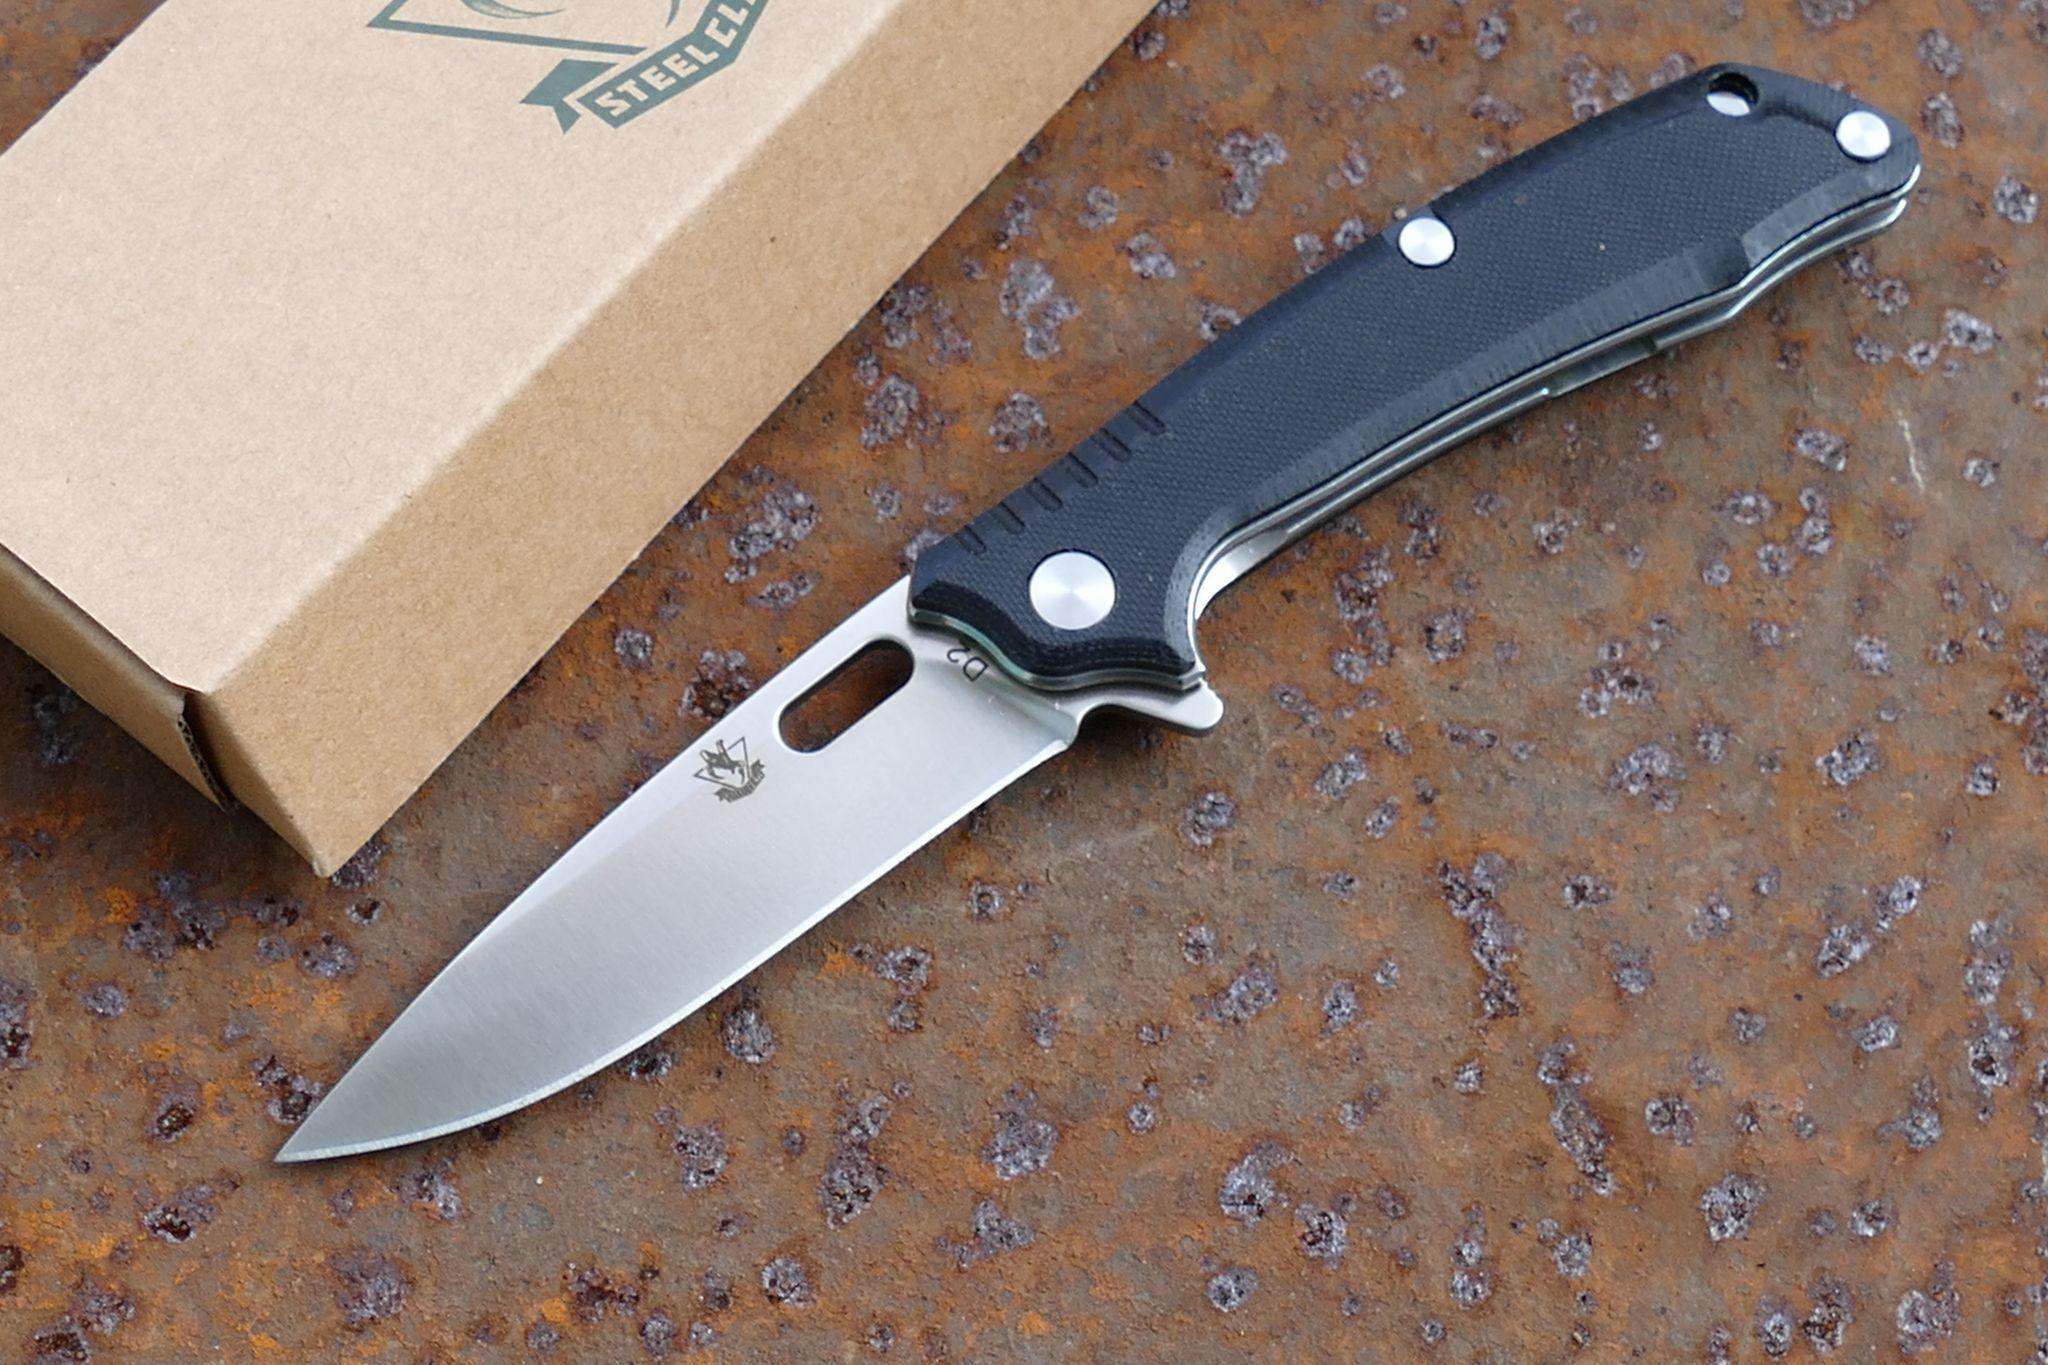 Складной нож T03FРаскладные ножи<br>марка стали: D2длина общая: 177ммдлина клинка: 80ммширина клинка наибольшая: 21ммтолщина обуха: 3ммподшипниквес: 100гртип замка:liner lock<br>